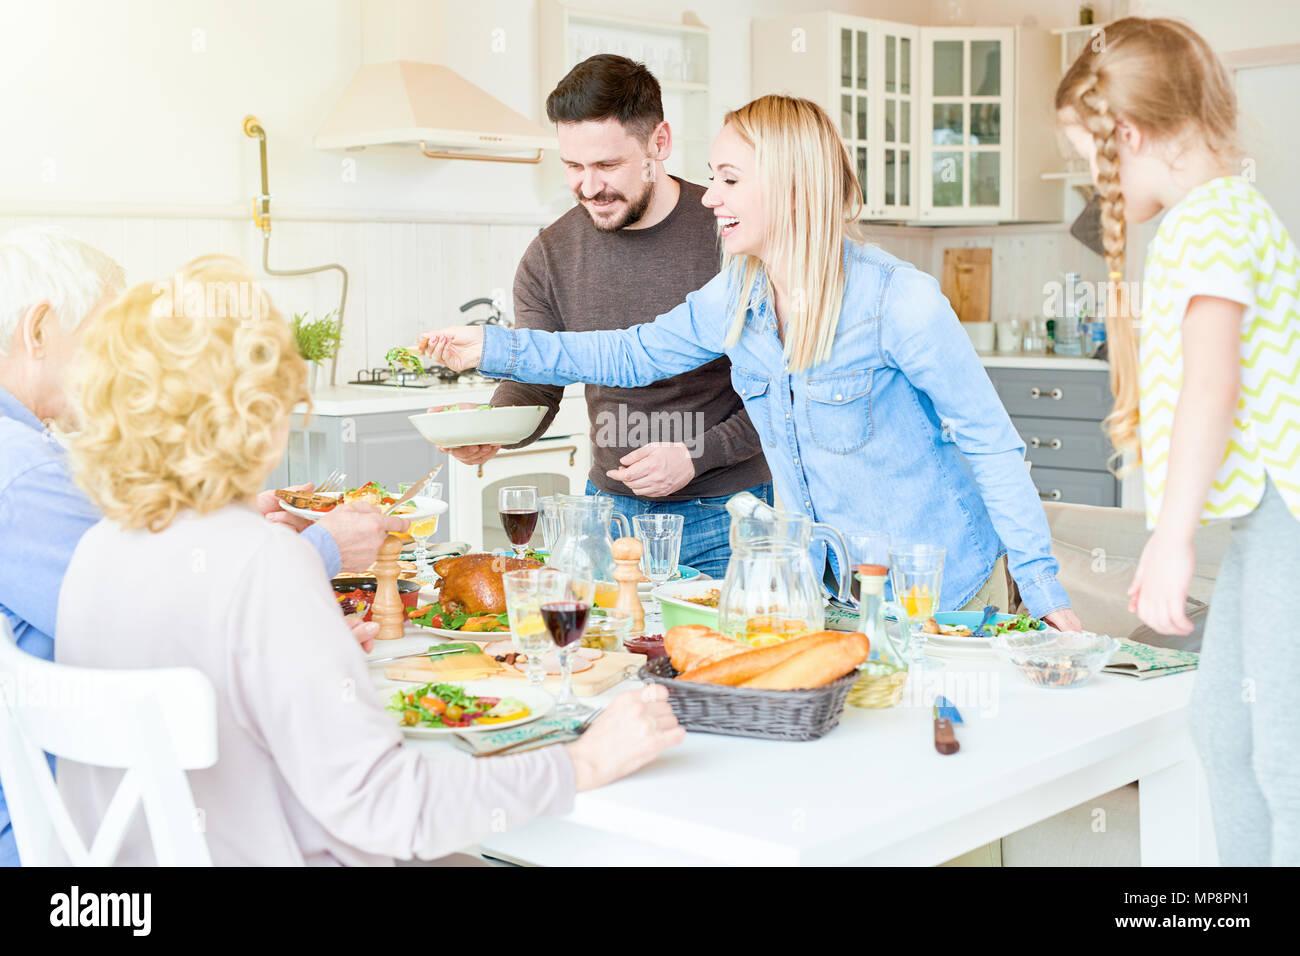 Festliche Abendessen mit der Familie in der modernen Apartment Stockfoto